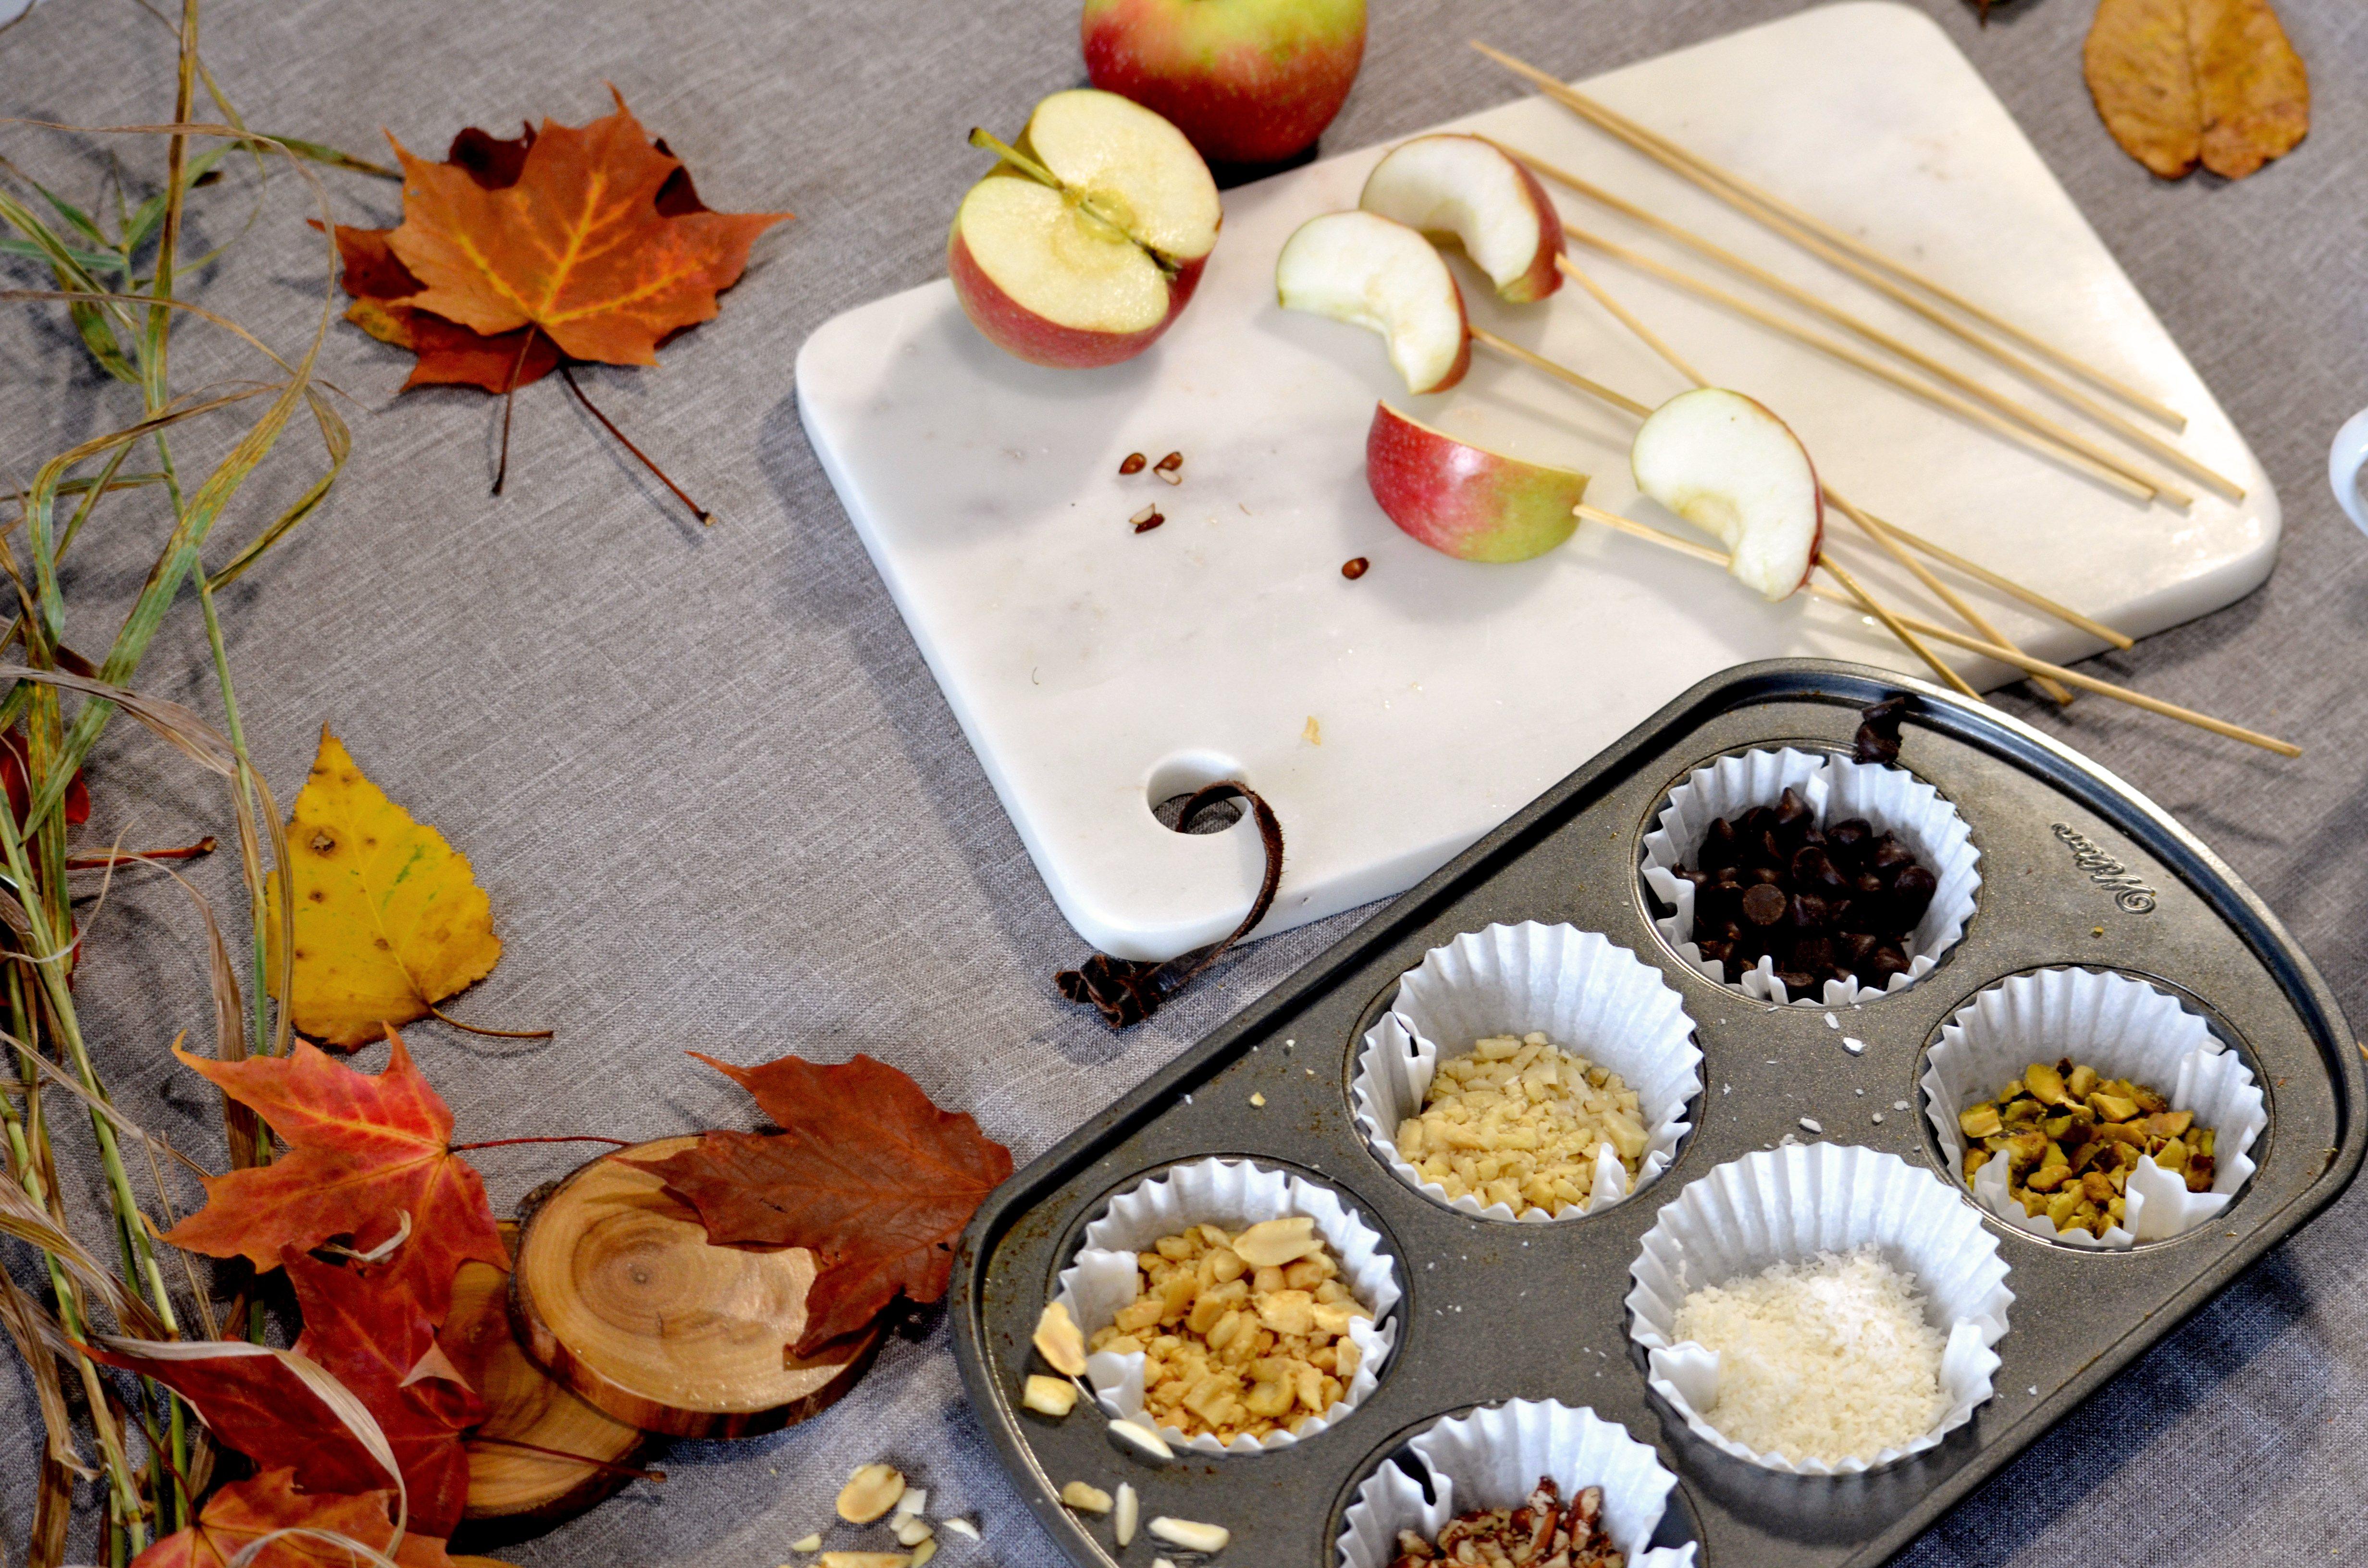 Bar d'assaissonnement de quartiers de pommes aux caramel